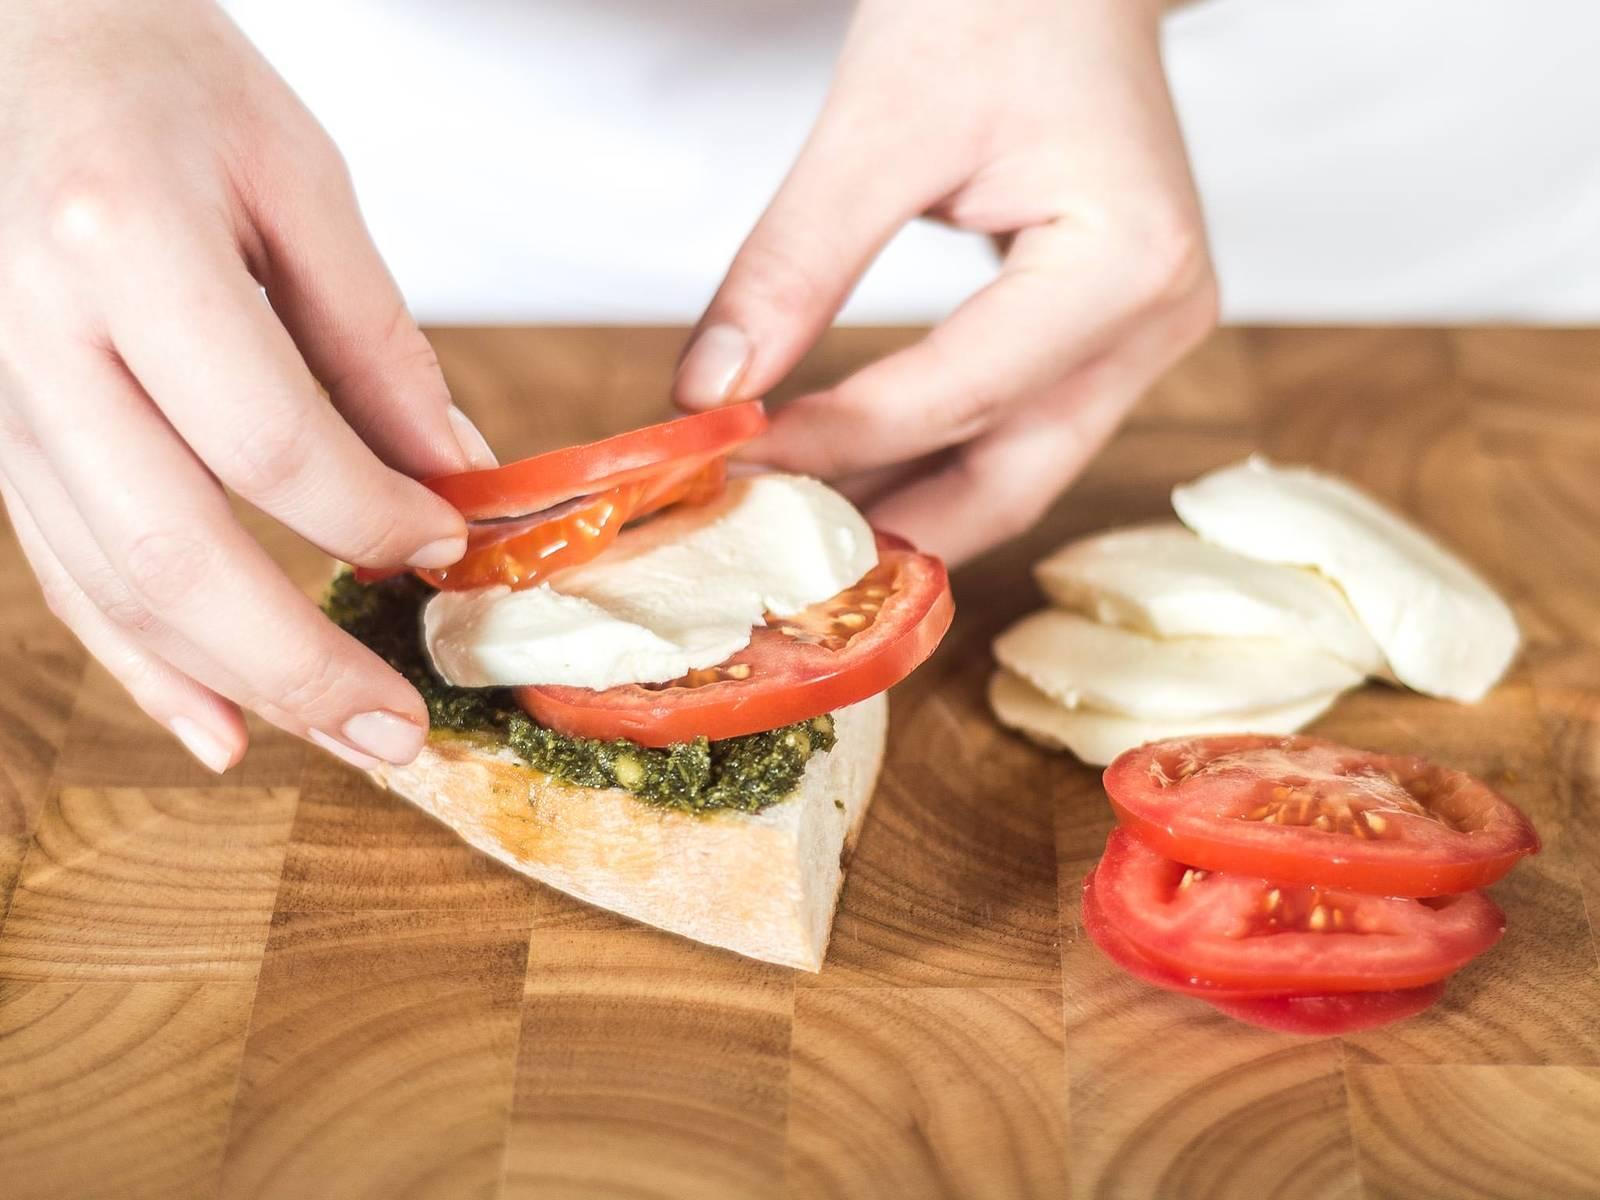 接着在面包上涂上罗勒香蒜酱,然后交替摆上奶酪与番茄片。